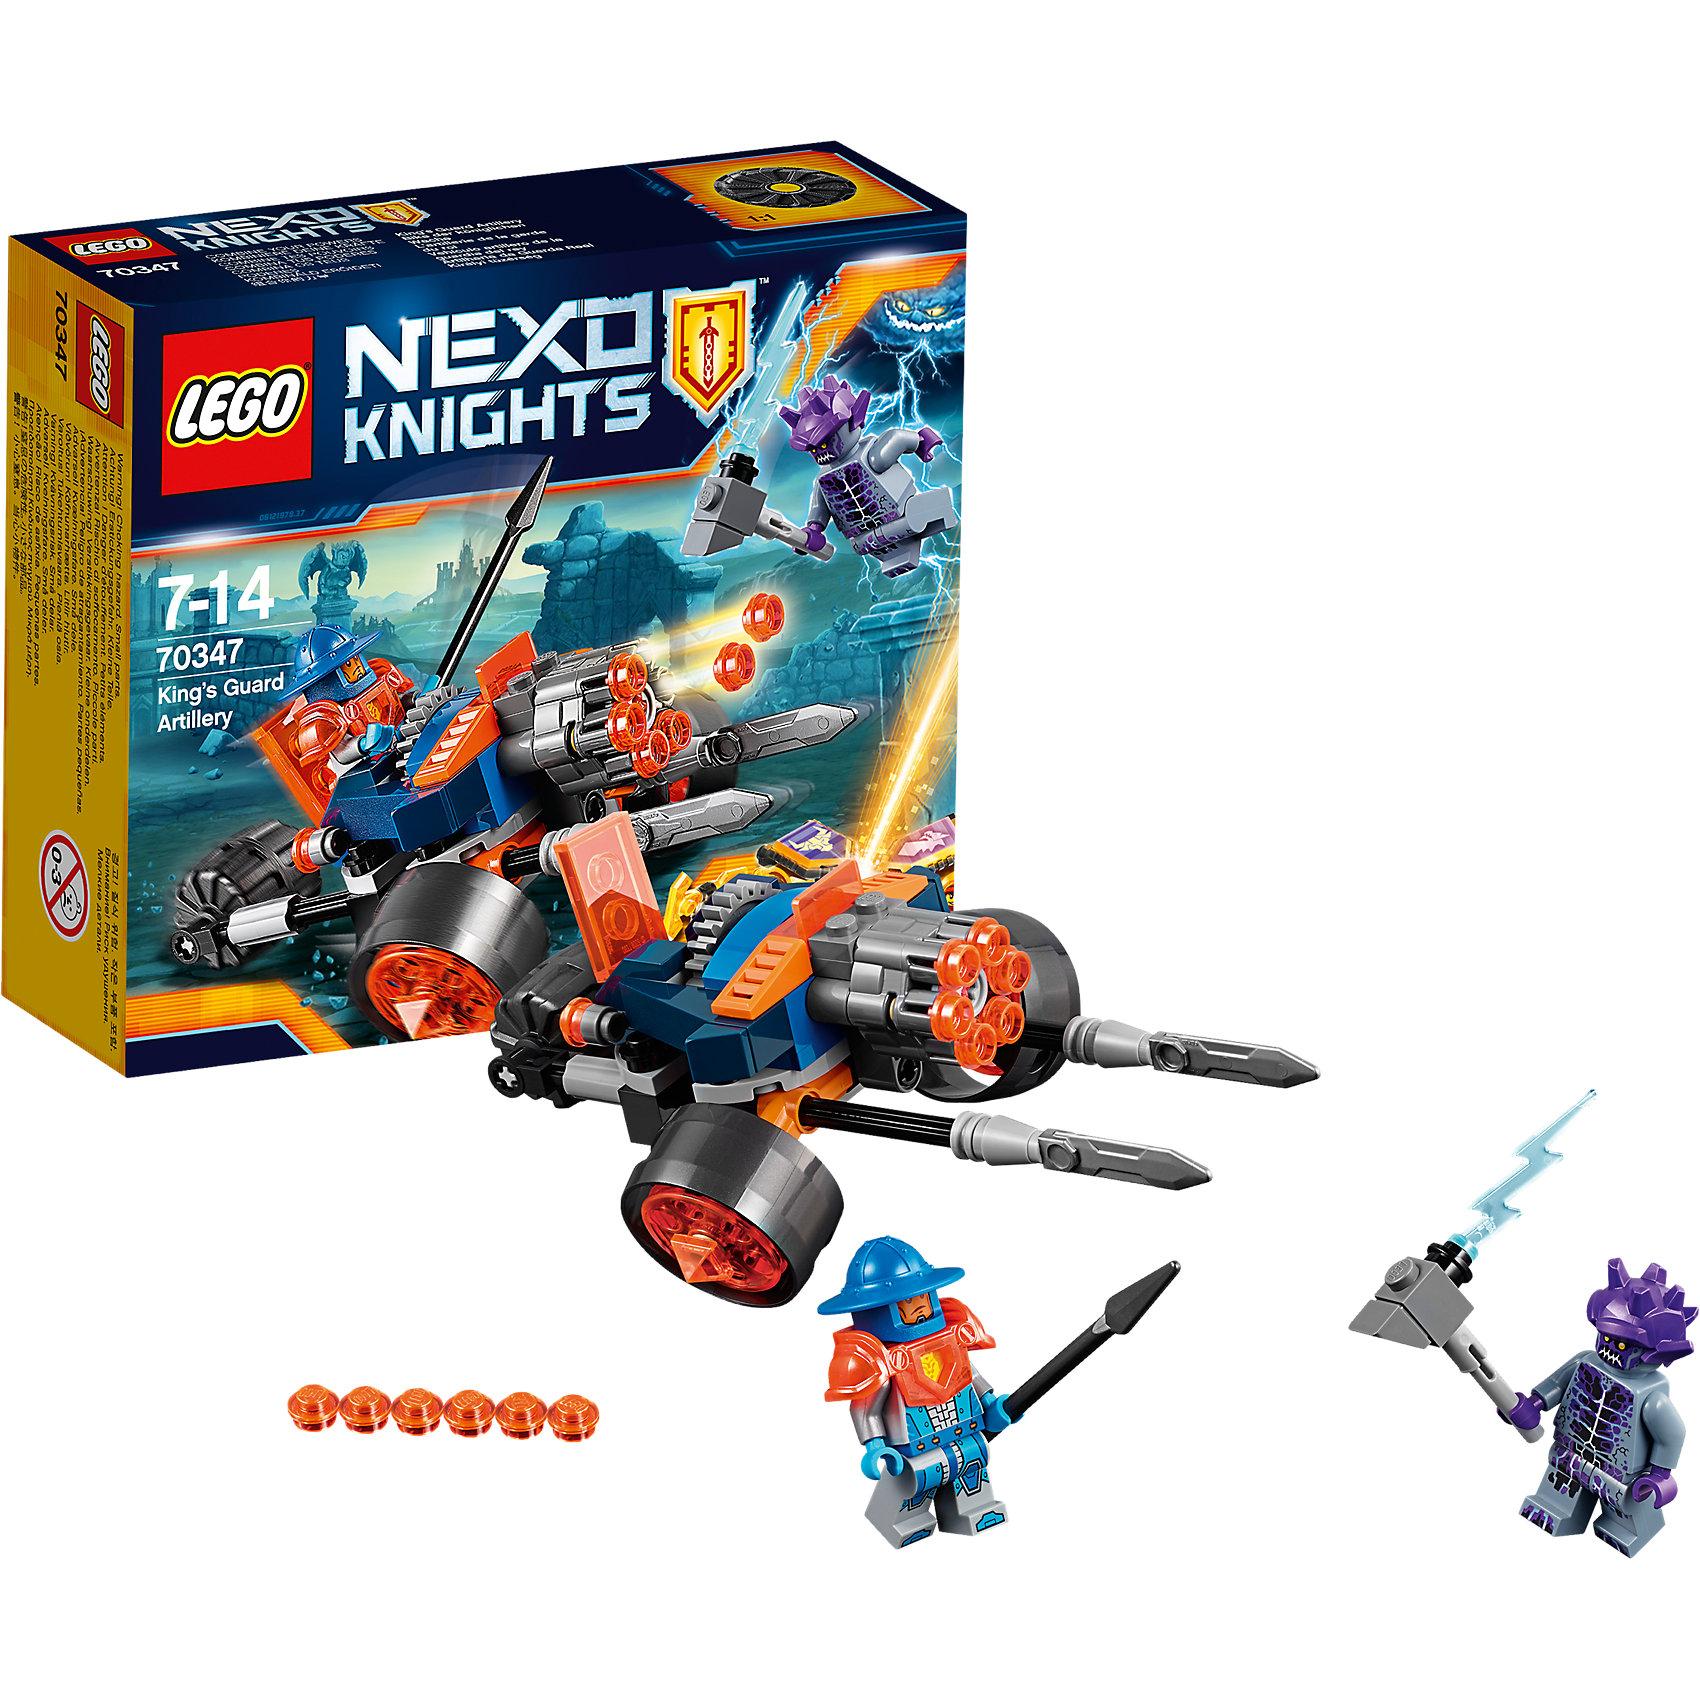 LEGO NEXO KNIGHTS 70347: Самоходная артиллерийская установка королевской гвардииПластмассовые конструкторы<br>LEGO NEXO KNIGHTS 70347: Самоходная артиллерийская установка королевской гвардии<br><br>Характеристики:<br><br>- в набор входит: установка, 2 фигурки, аксессуары, инструкция<br>- состав: пластик<br>- количество деталей: 98<br>- размер коробки: 14 * 4,5 * 12 см.<br>- размер установки: 14 * 9 * 6 см.<br>- для детей в возрасте: от 7 до 14 лет<br>- Страна производитель: Дания/Китай/Чехия<br><br>Легендарный конструктор LEGO (ЛЕГО) представляет серию «NEXO KNIGHTS» (Нэксо Найтс) по сюжету одноименного мультсериала. Серия понравится любителям средневековья благодаря рыцарям, принцессам, монстрам и ужасным злодеям. Трехколесное средство передвижения имеет необычное строение передних колес благодаря изгибу поперечной детали, и за счет этого передвигается плавно. Две передние пики защищают рыцаря, а если передвинуть заднее колесо к кабине, то они выдвинутся. Шестиствольная фронтальная пушка оснащена механизмом, позволяющим стрелять снарядами по очереди с помощью движущейся шестеренки. В кабине есть место для одного королевского гвардейца. Фигурка гвардейца отлично детализирована, и в этой серии выходит с прозрачными оранжевыми наплечниками, фигурка имеет два выражения лица. Каменный монстр из набора представлен с отличным рельефом и молотом с молнией, также фигурка имеет два выражения лица. Помогай бороться с монстрами с помощью прогресса и королевской установки!<br><br>Конструктор LEGO NEXO KNIGHTS 70347: Самоходная артиллерийская установка королевской гвардии можно купить в нашем интернет-магазине.<br><br>Ширина мм: 143<br>Глубина мм: 119<br>Высота мм: 48<br>Вес г: 118<br>Возраст от месяцев: 84<br>Возраст до месяцев: 168<br>Пол: Мужской<br>Возраст: Детский<br>SKU: 5002425